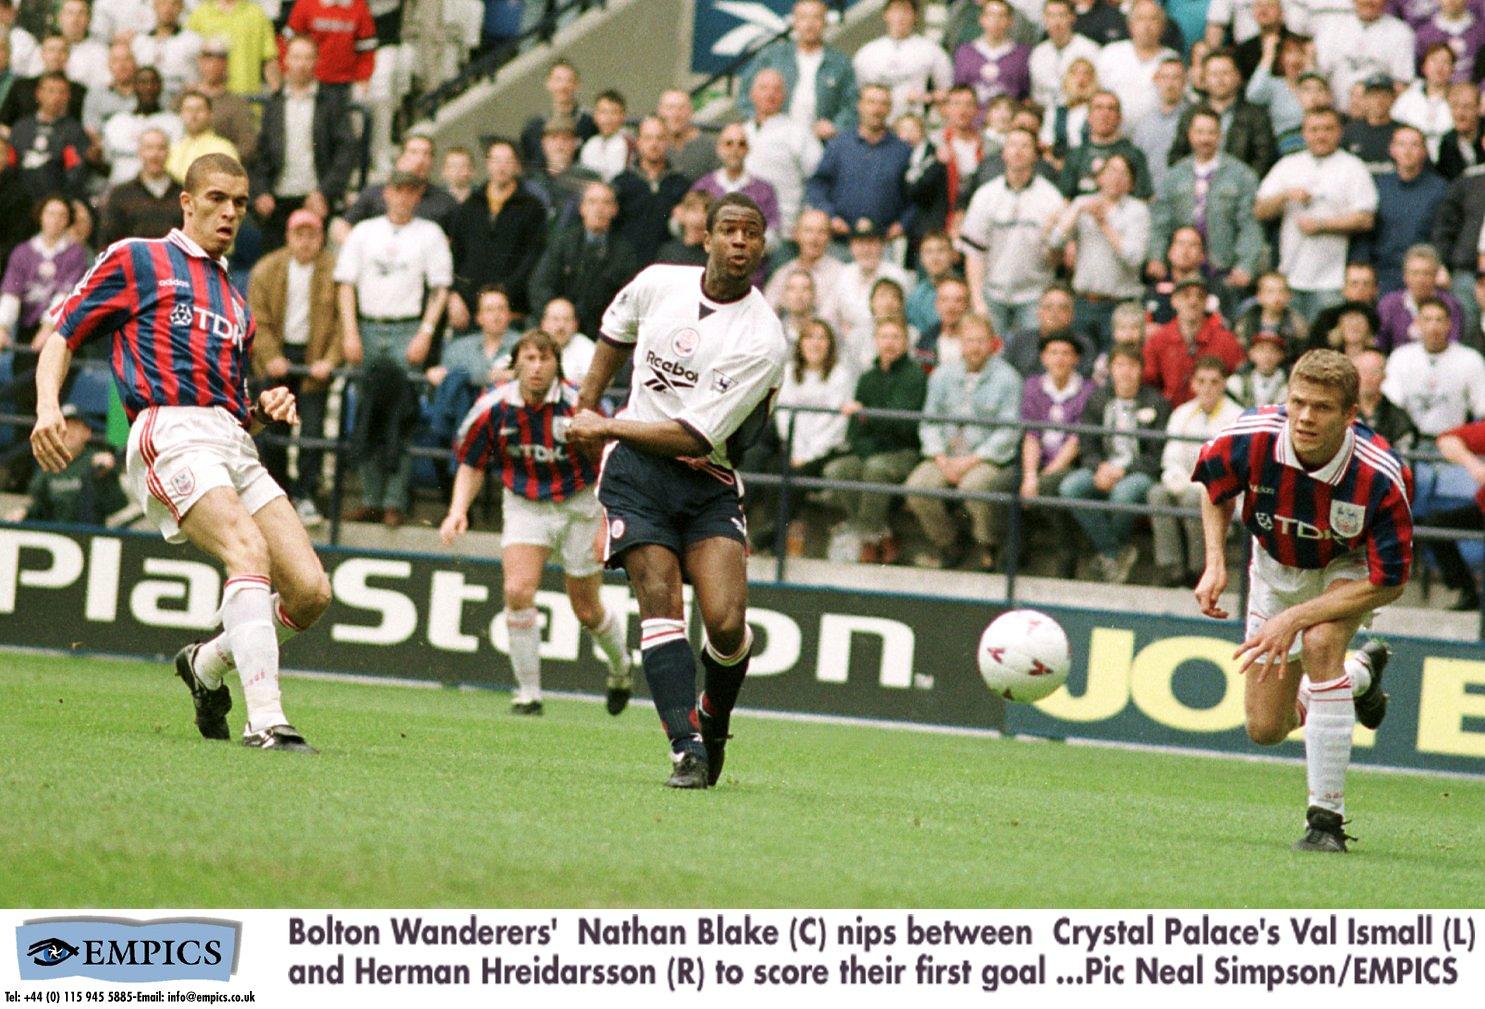 Soccer - FA Carling Premiership - Bolton Wanderers v Crystal Palace